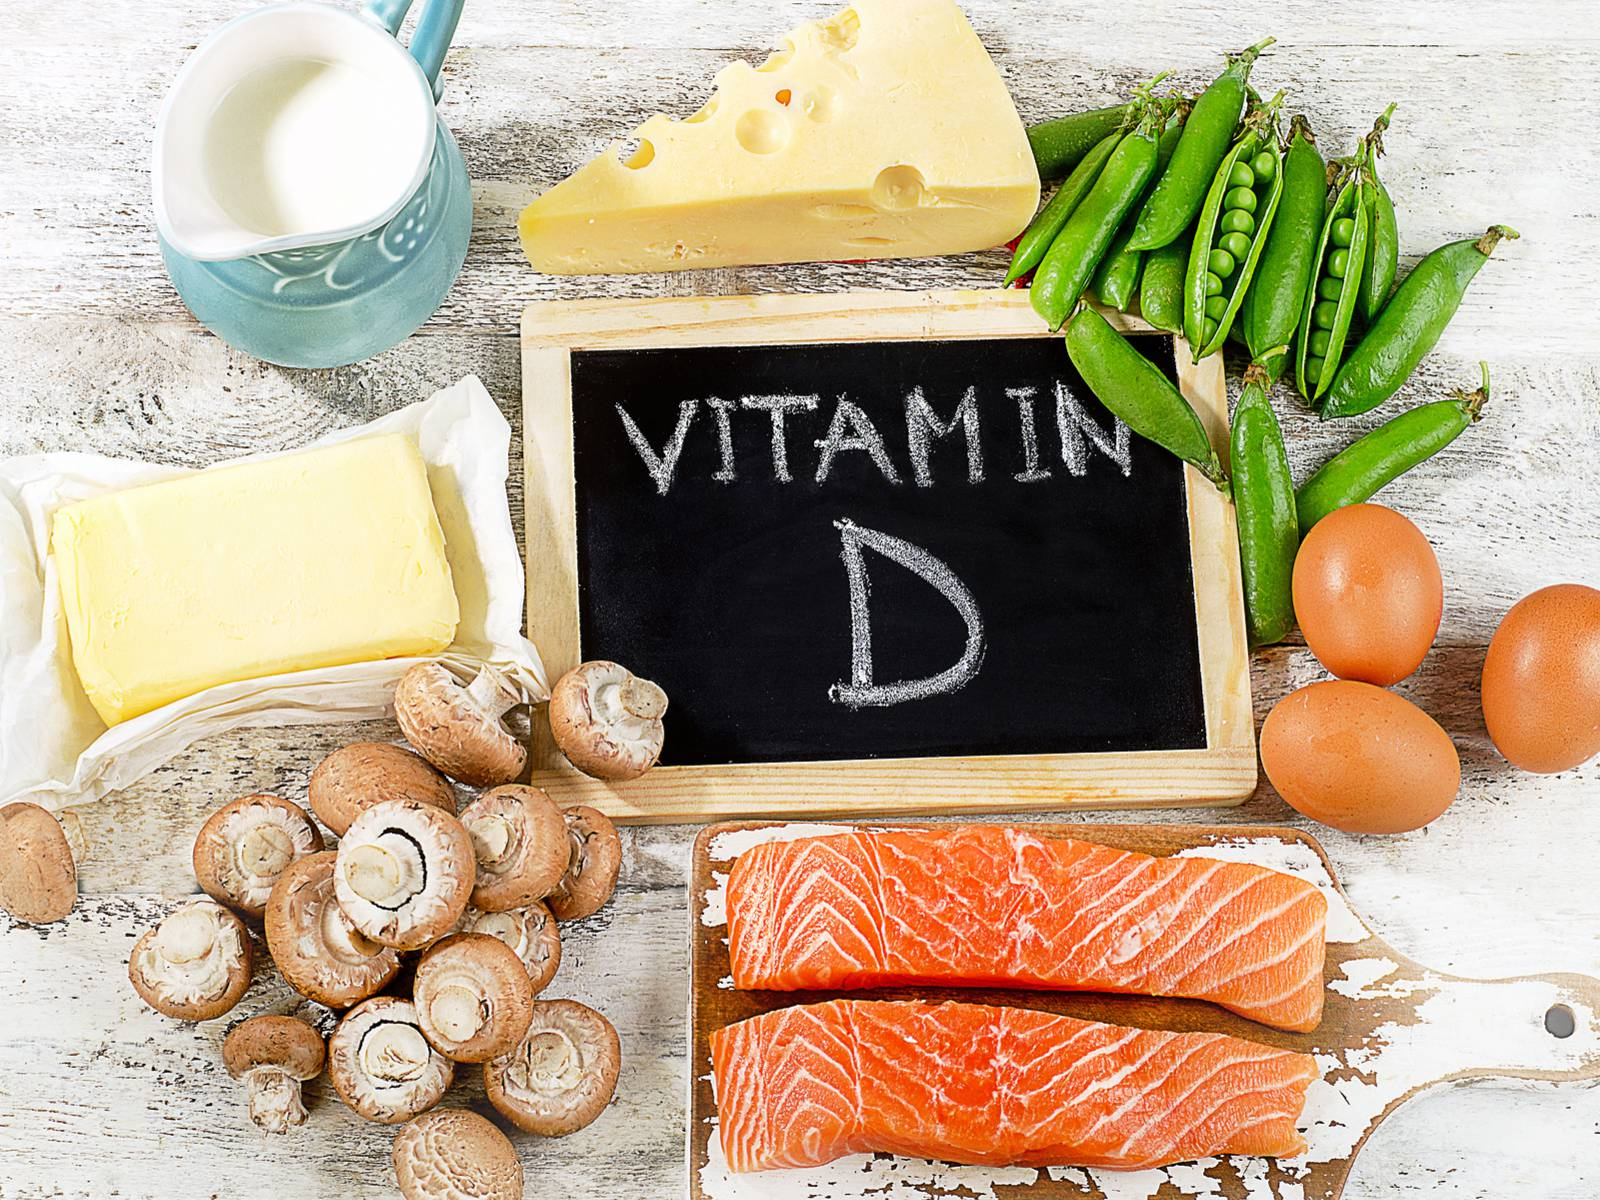 Objavljeni znanstveni dokazi o utjecaju vitamina D COVID-19